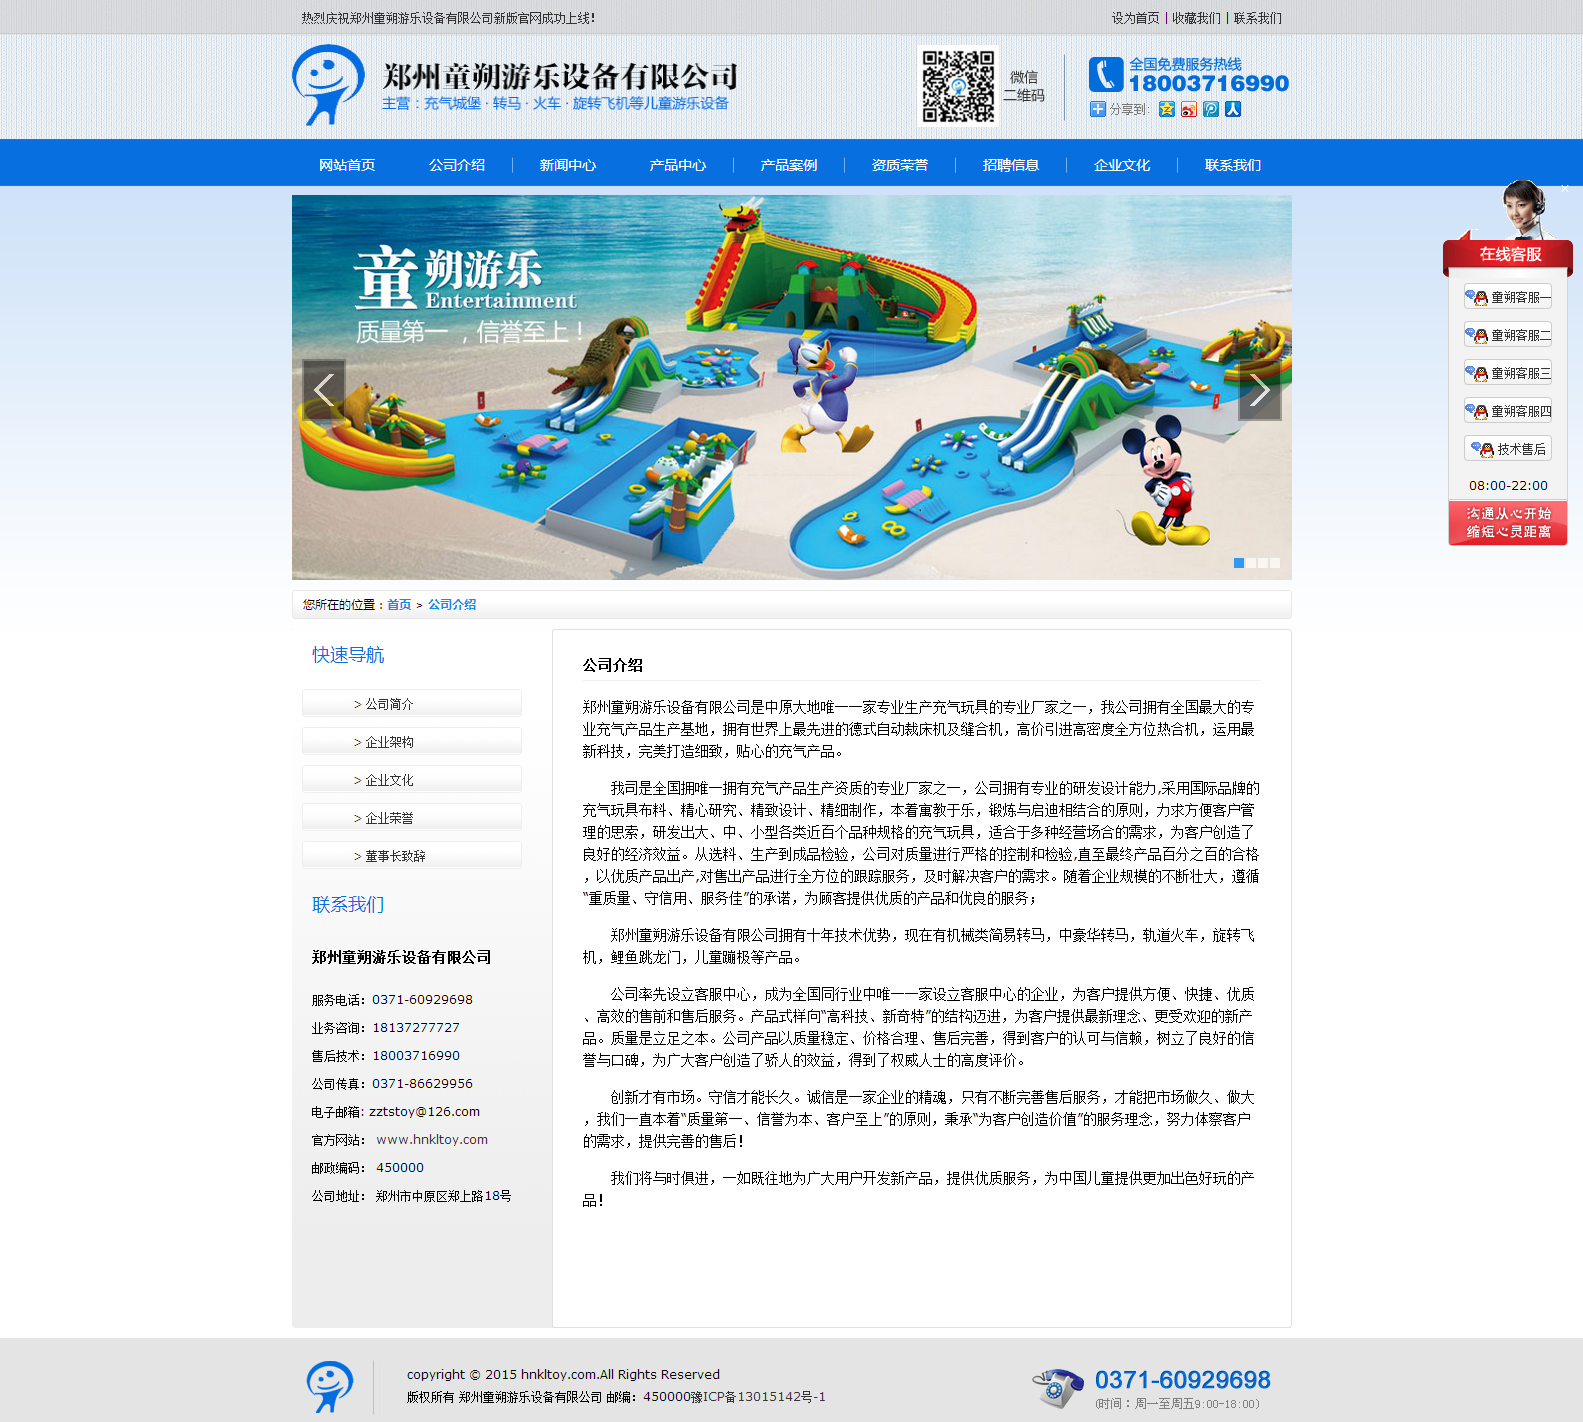 郑州童朔游乐设备有限公司网站制作已经上线